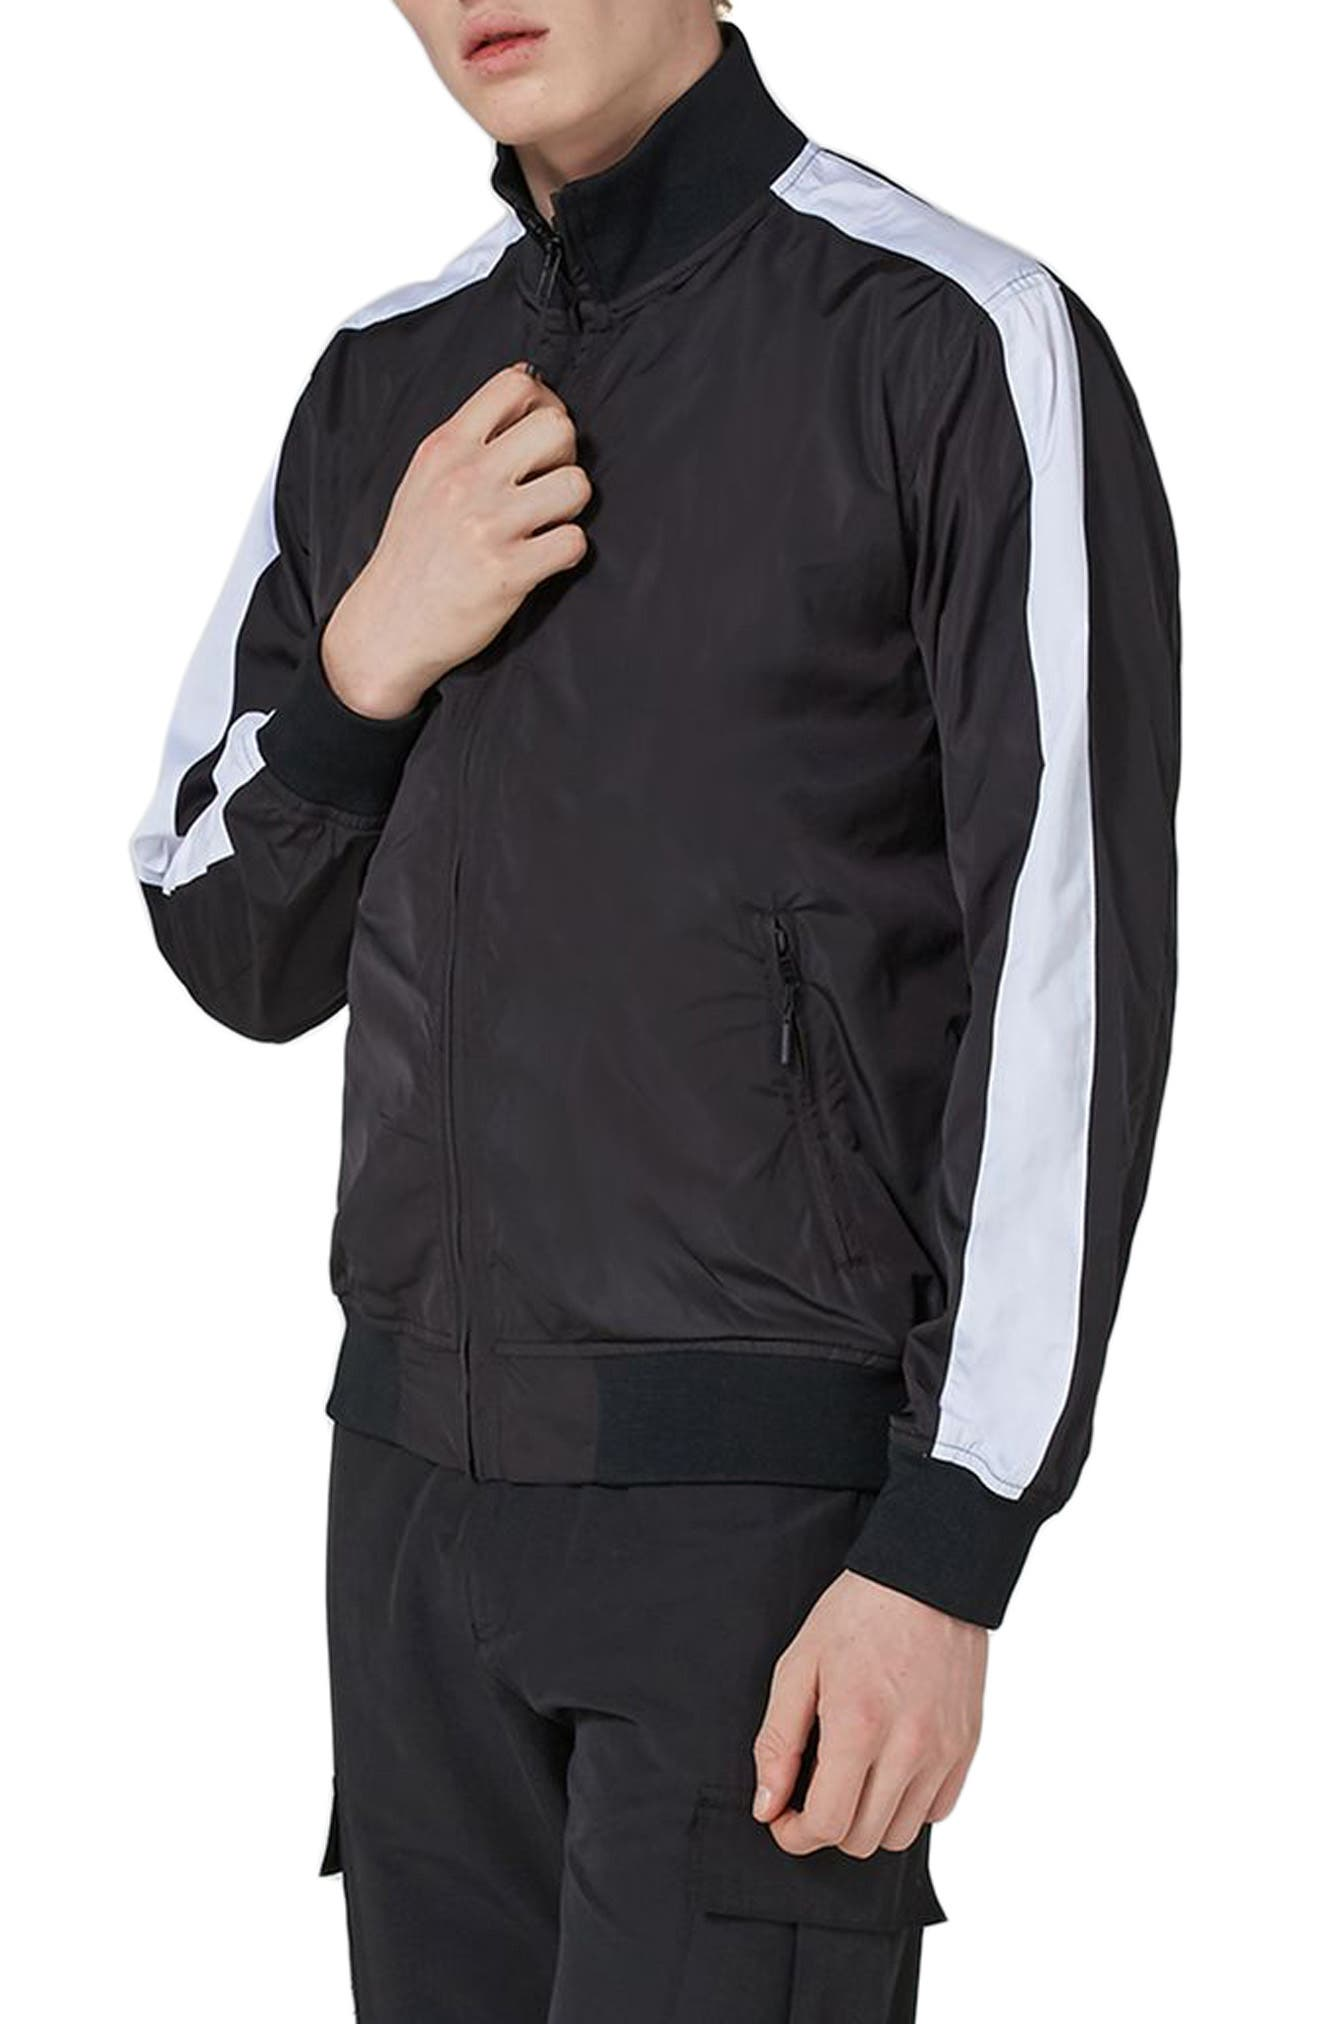 Sport Track Jacket,                             Main thumbnail 1, color,                             Black Multi